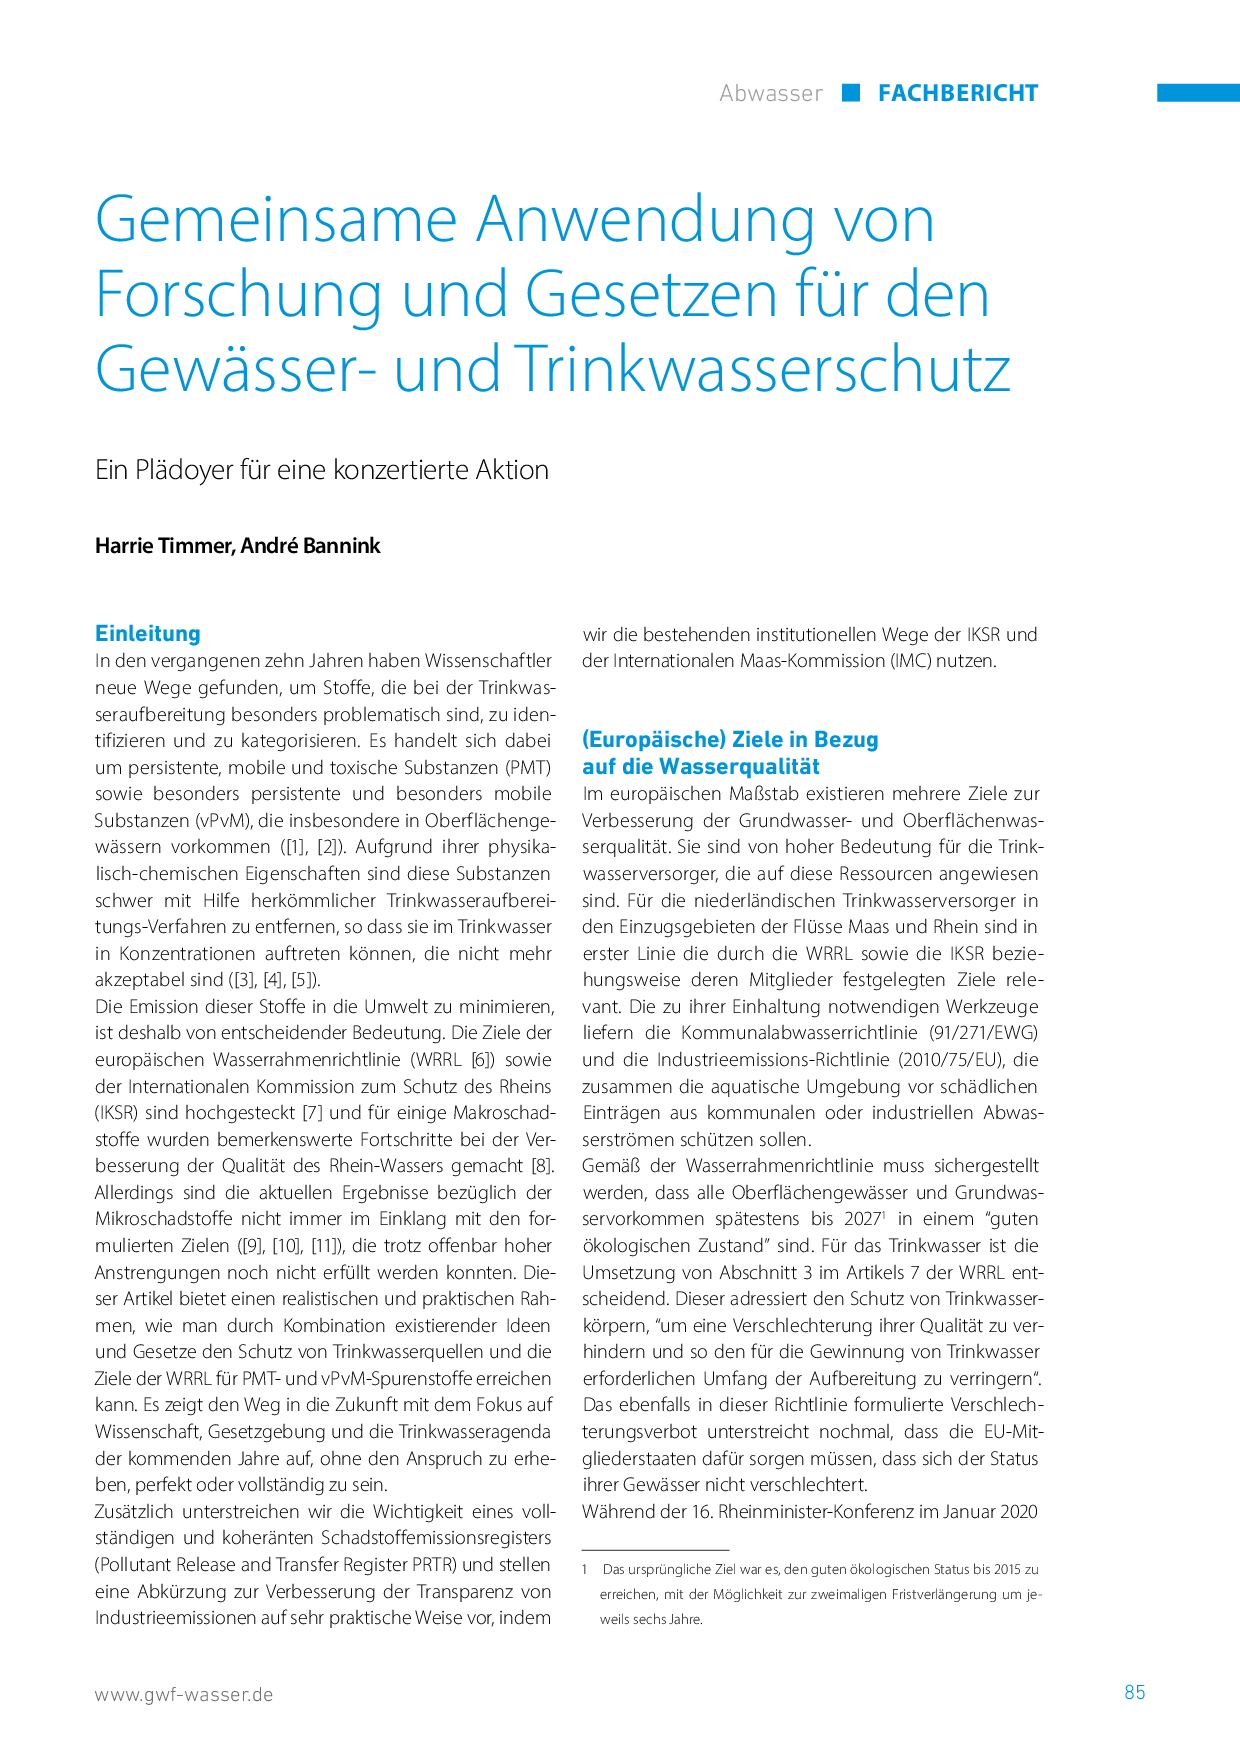 Gemeinsame Anwendung von Forschung und Gesetzen für den Gewässer- und Trinkwasserschutz